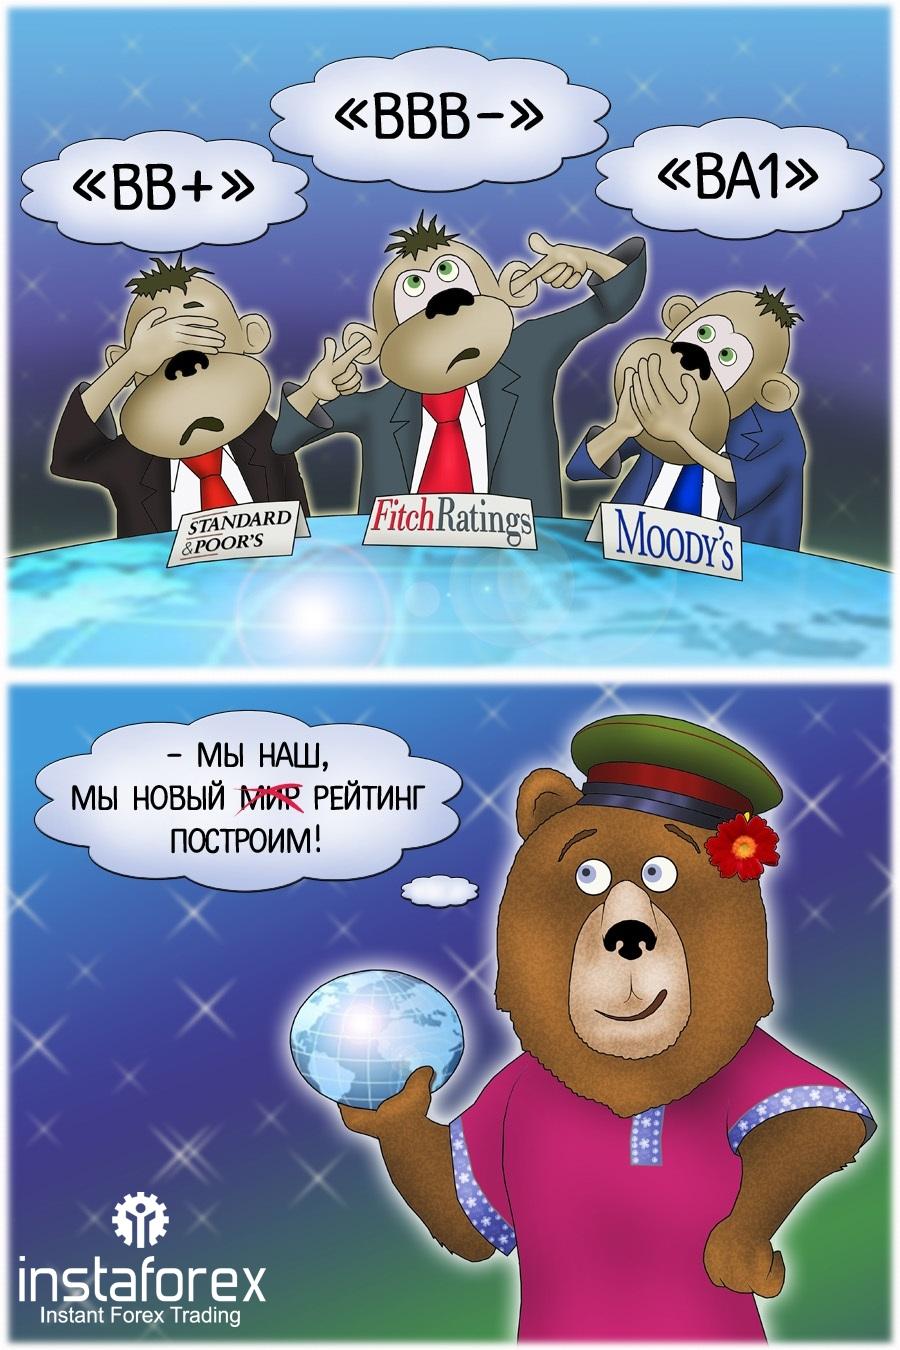 Россия грозит отказом от всех договоров поддержания рейтинга с международными агентствами